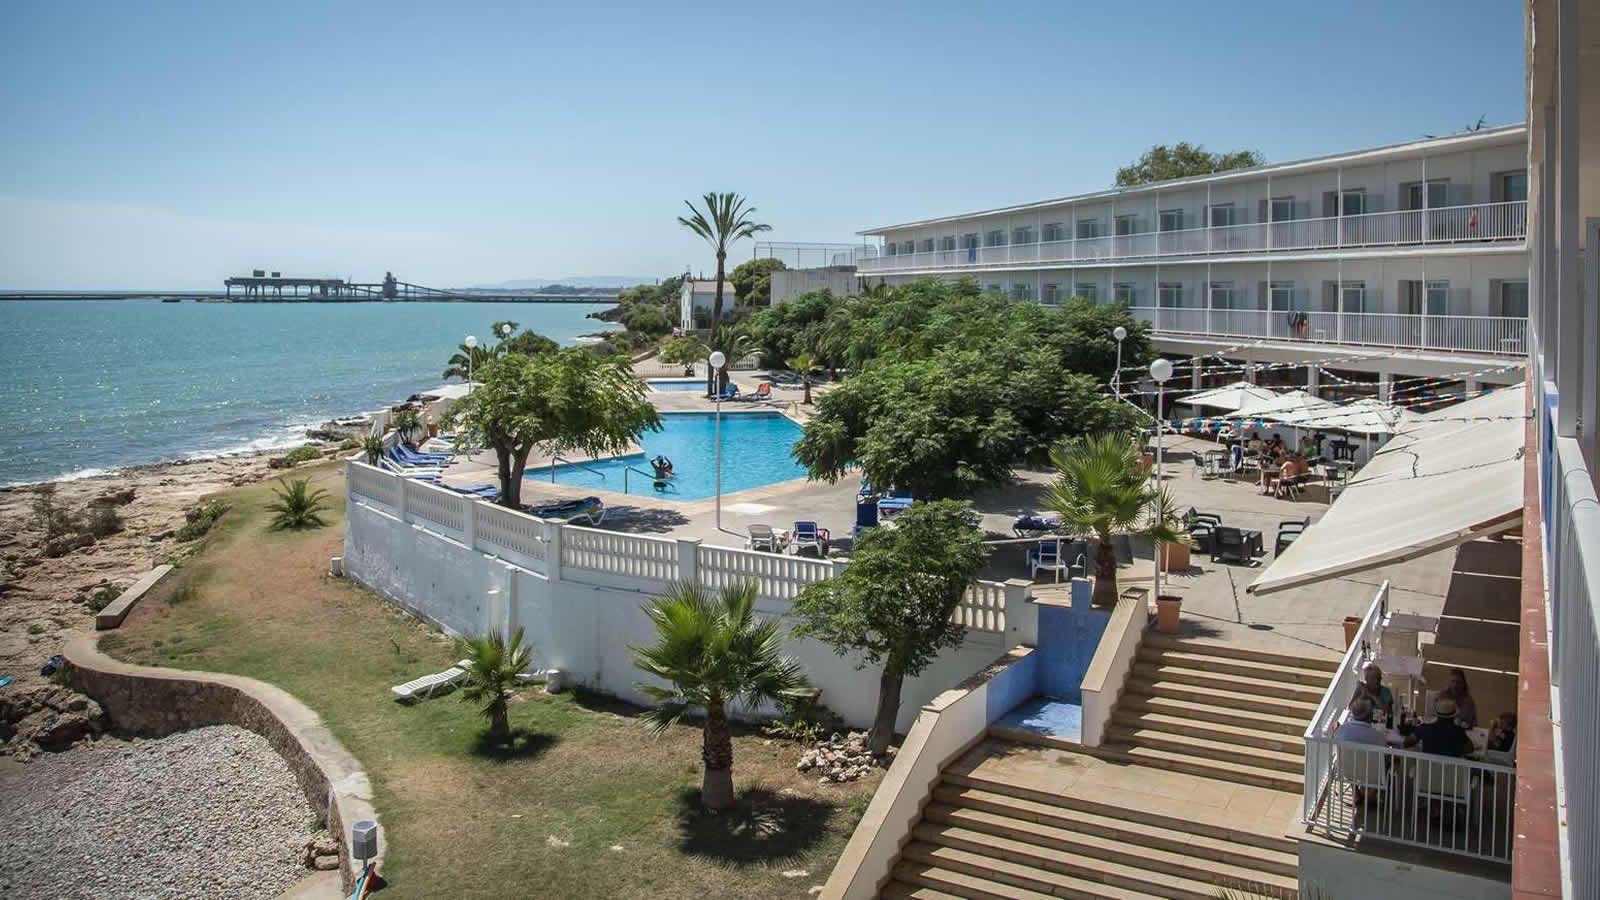 Activities at the Carlos III Hotel Facilities in Alcanar - San Carlos de la Rapita - the Ebro Delta